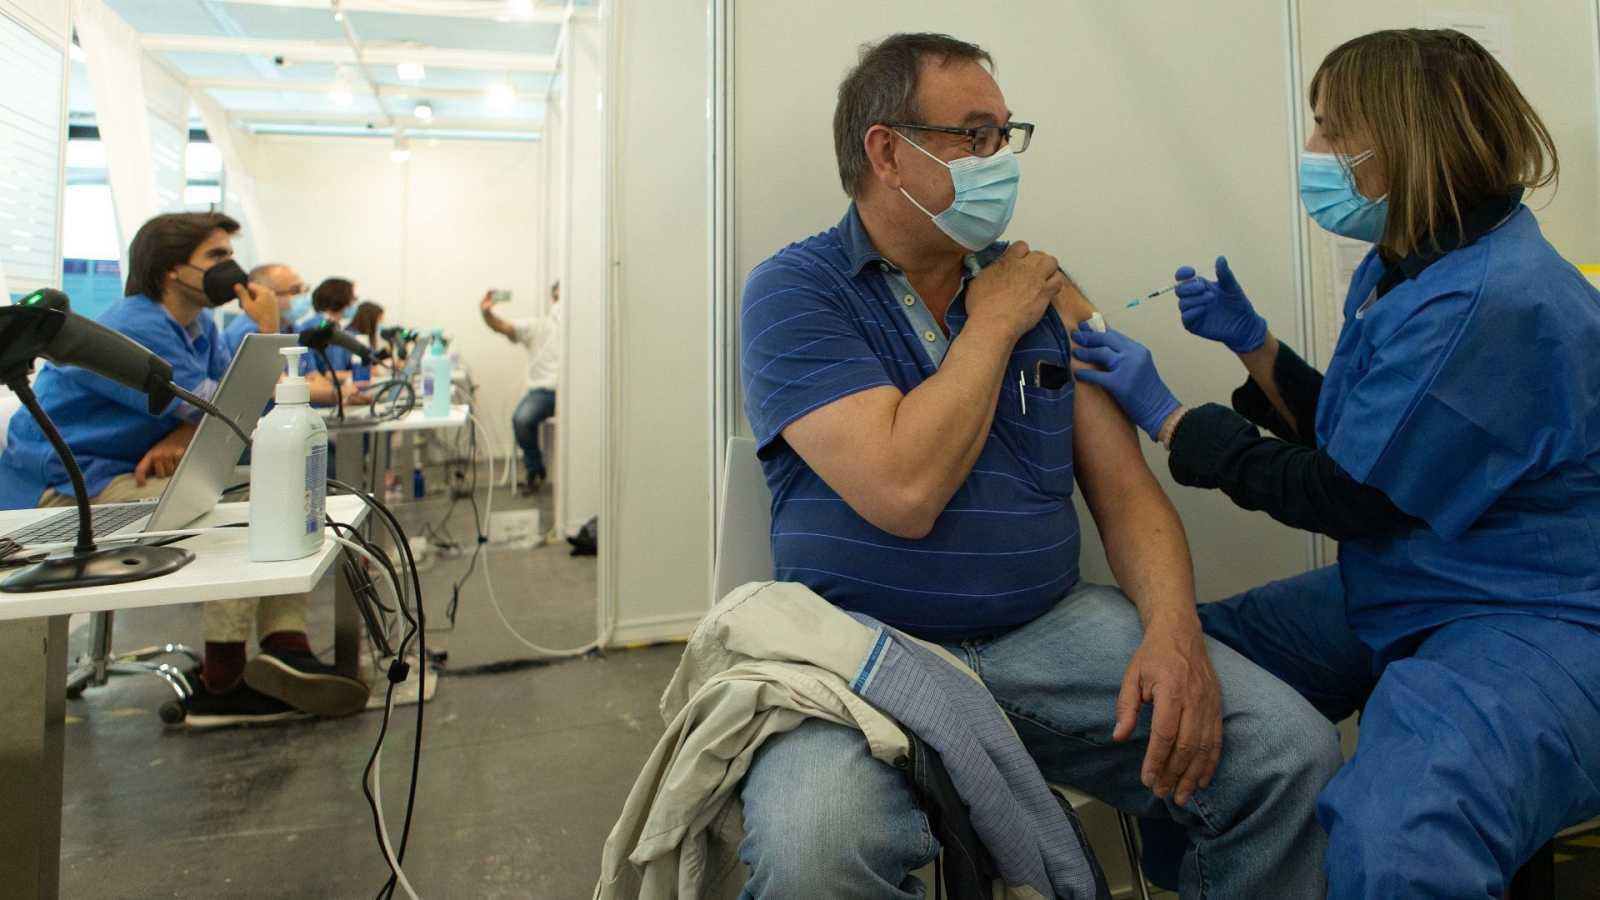 Una enfermera vacuna a un hombre contra la COVID-19 en el centro de vacunación de la Fira de Barcelona